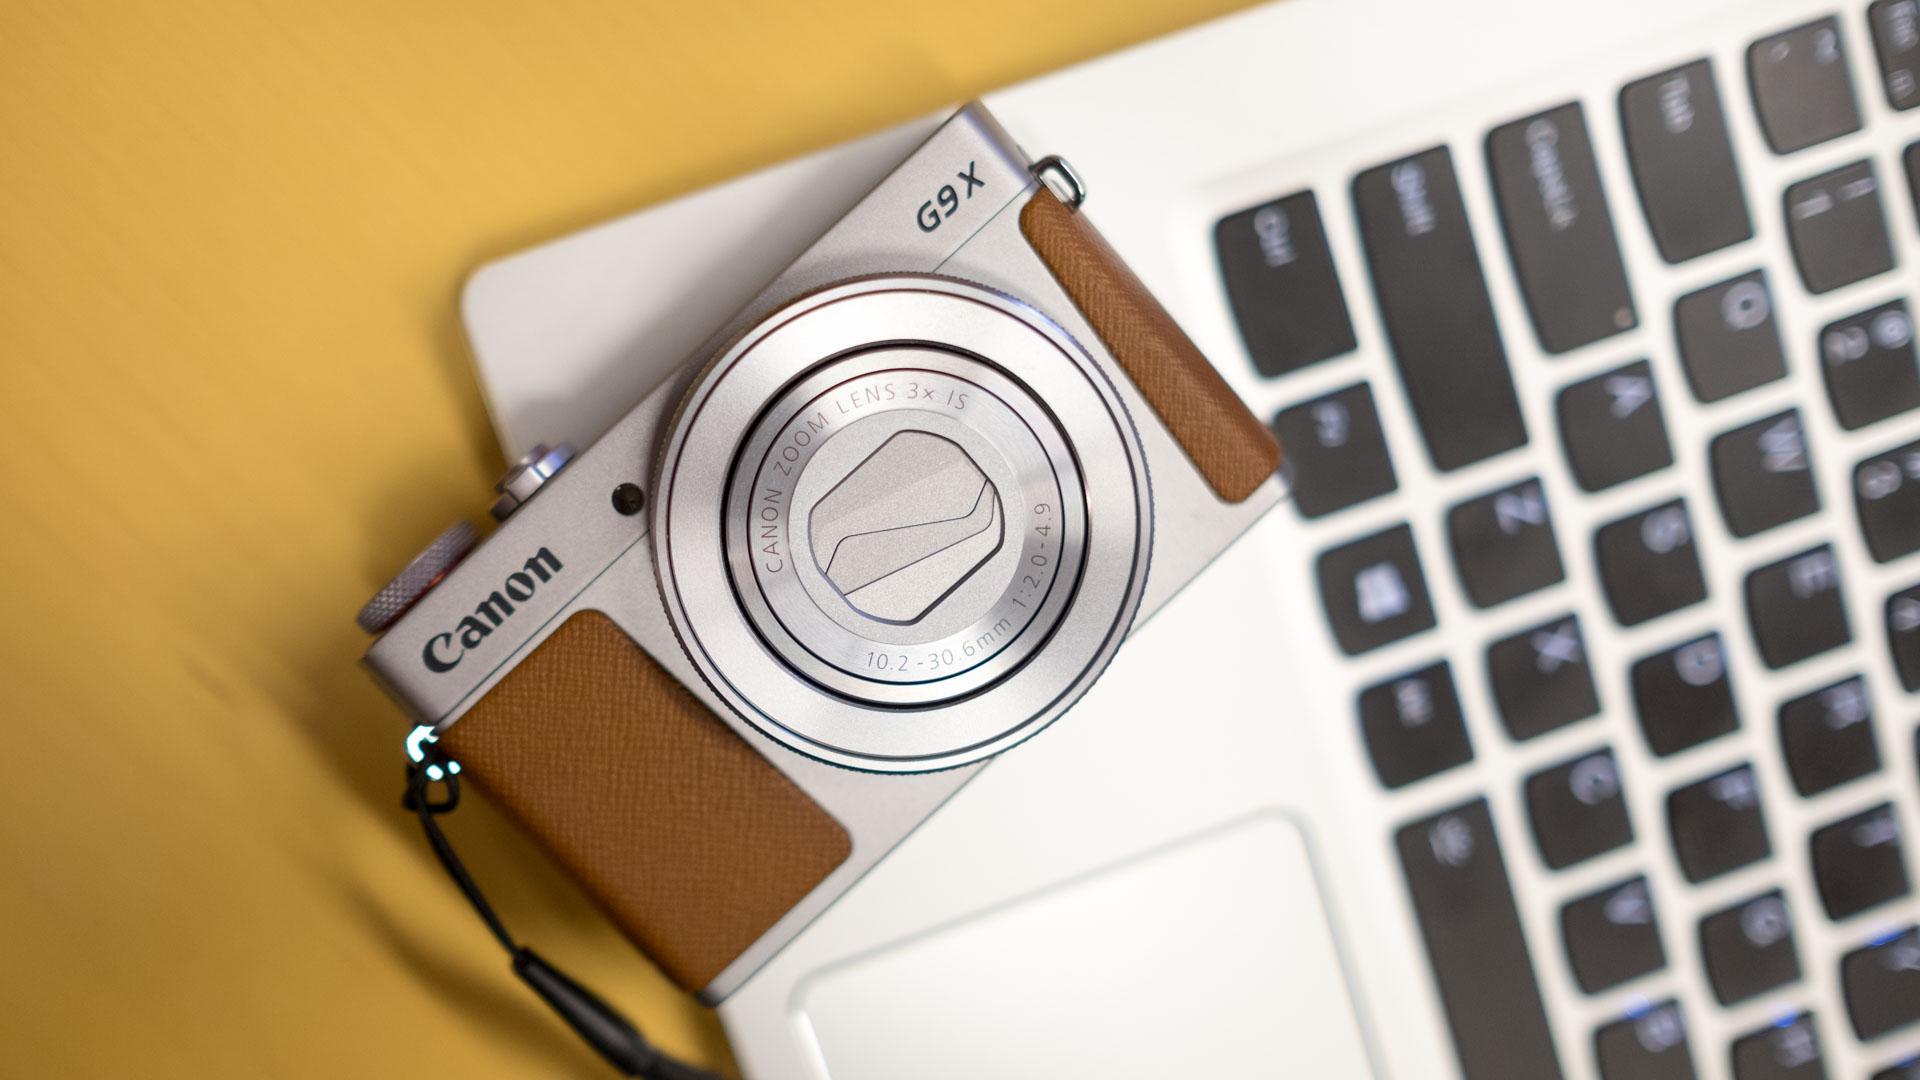 Canon PowerShot G9 X Mark III